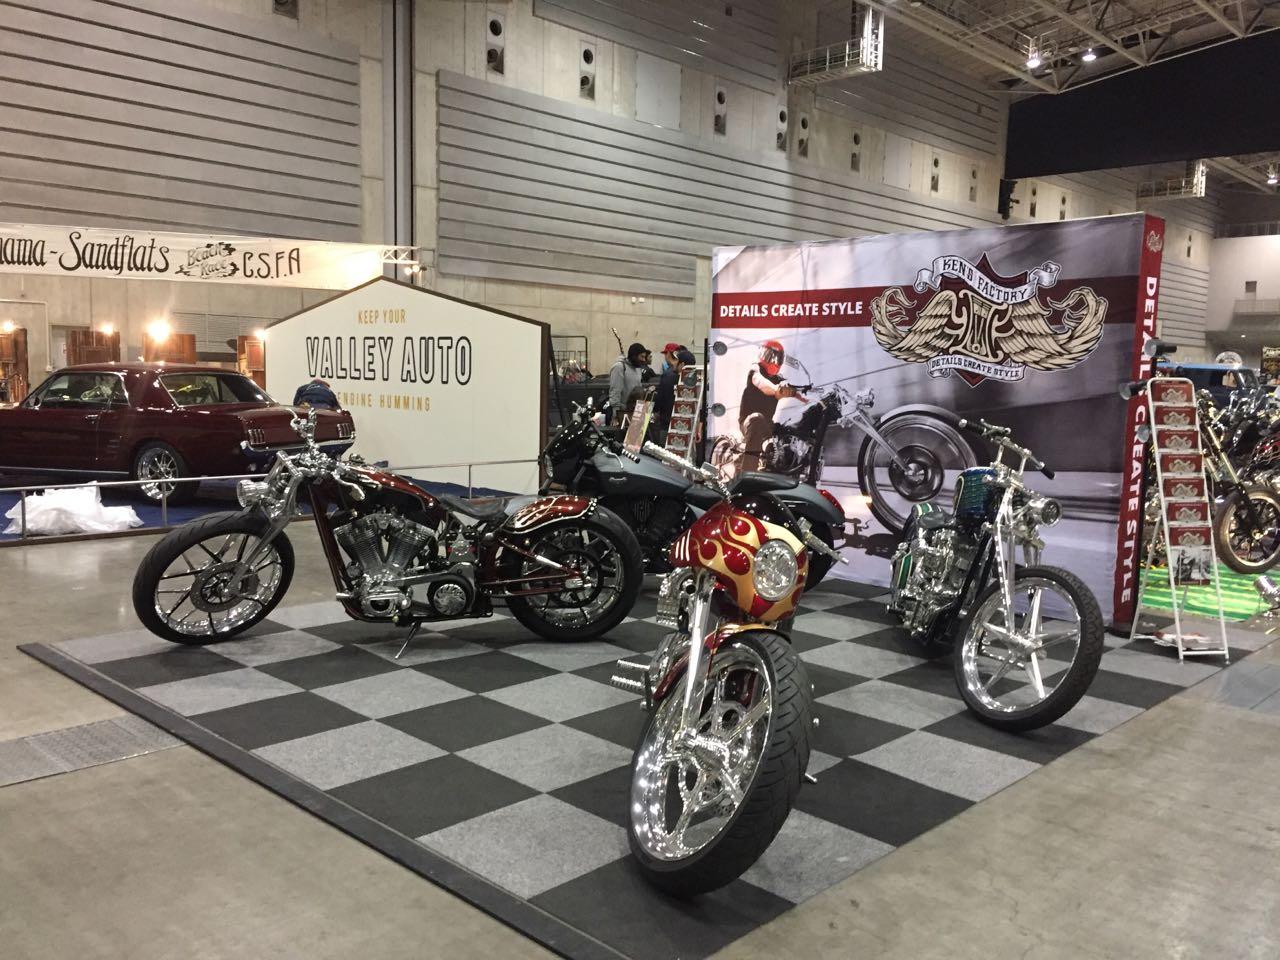 Daftar Motor Custom Terbaik di Yokohama Hot Rod Custom Show 2016